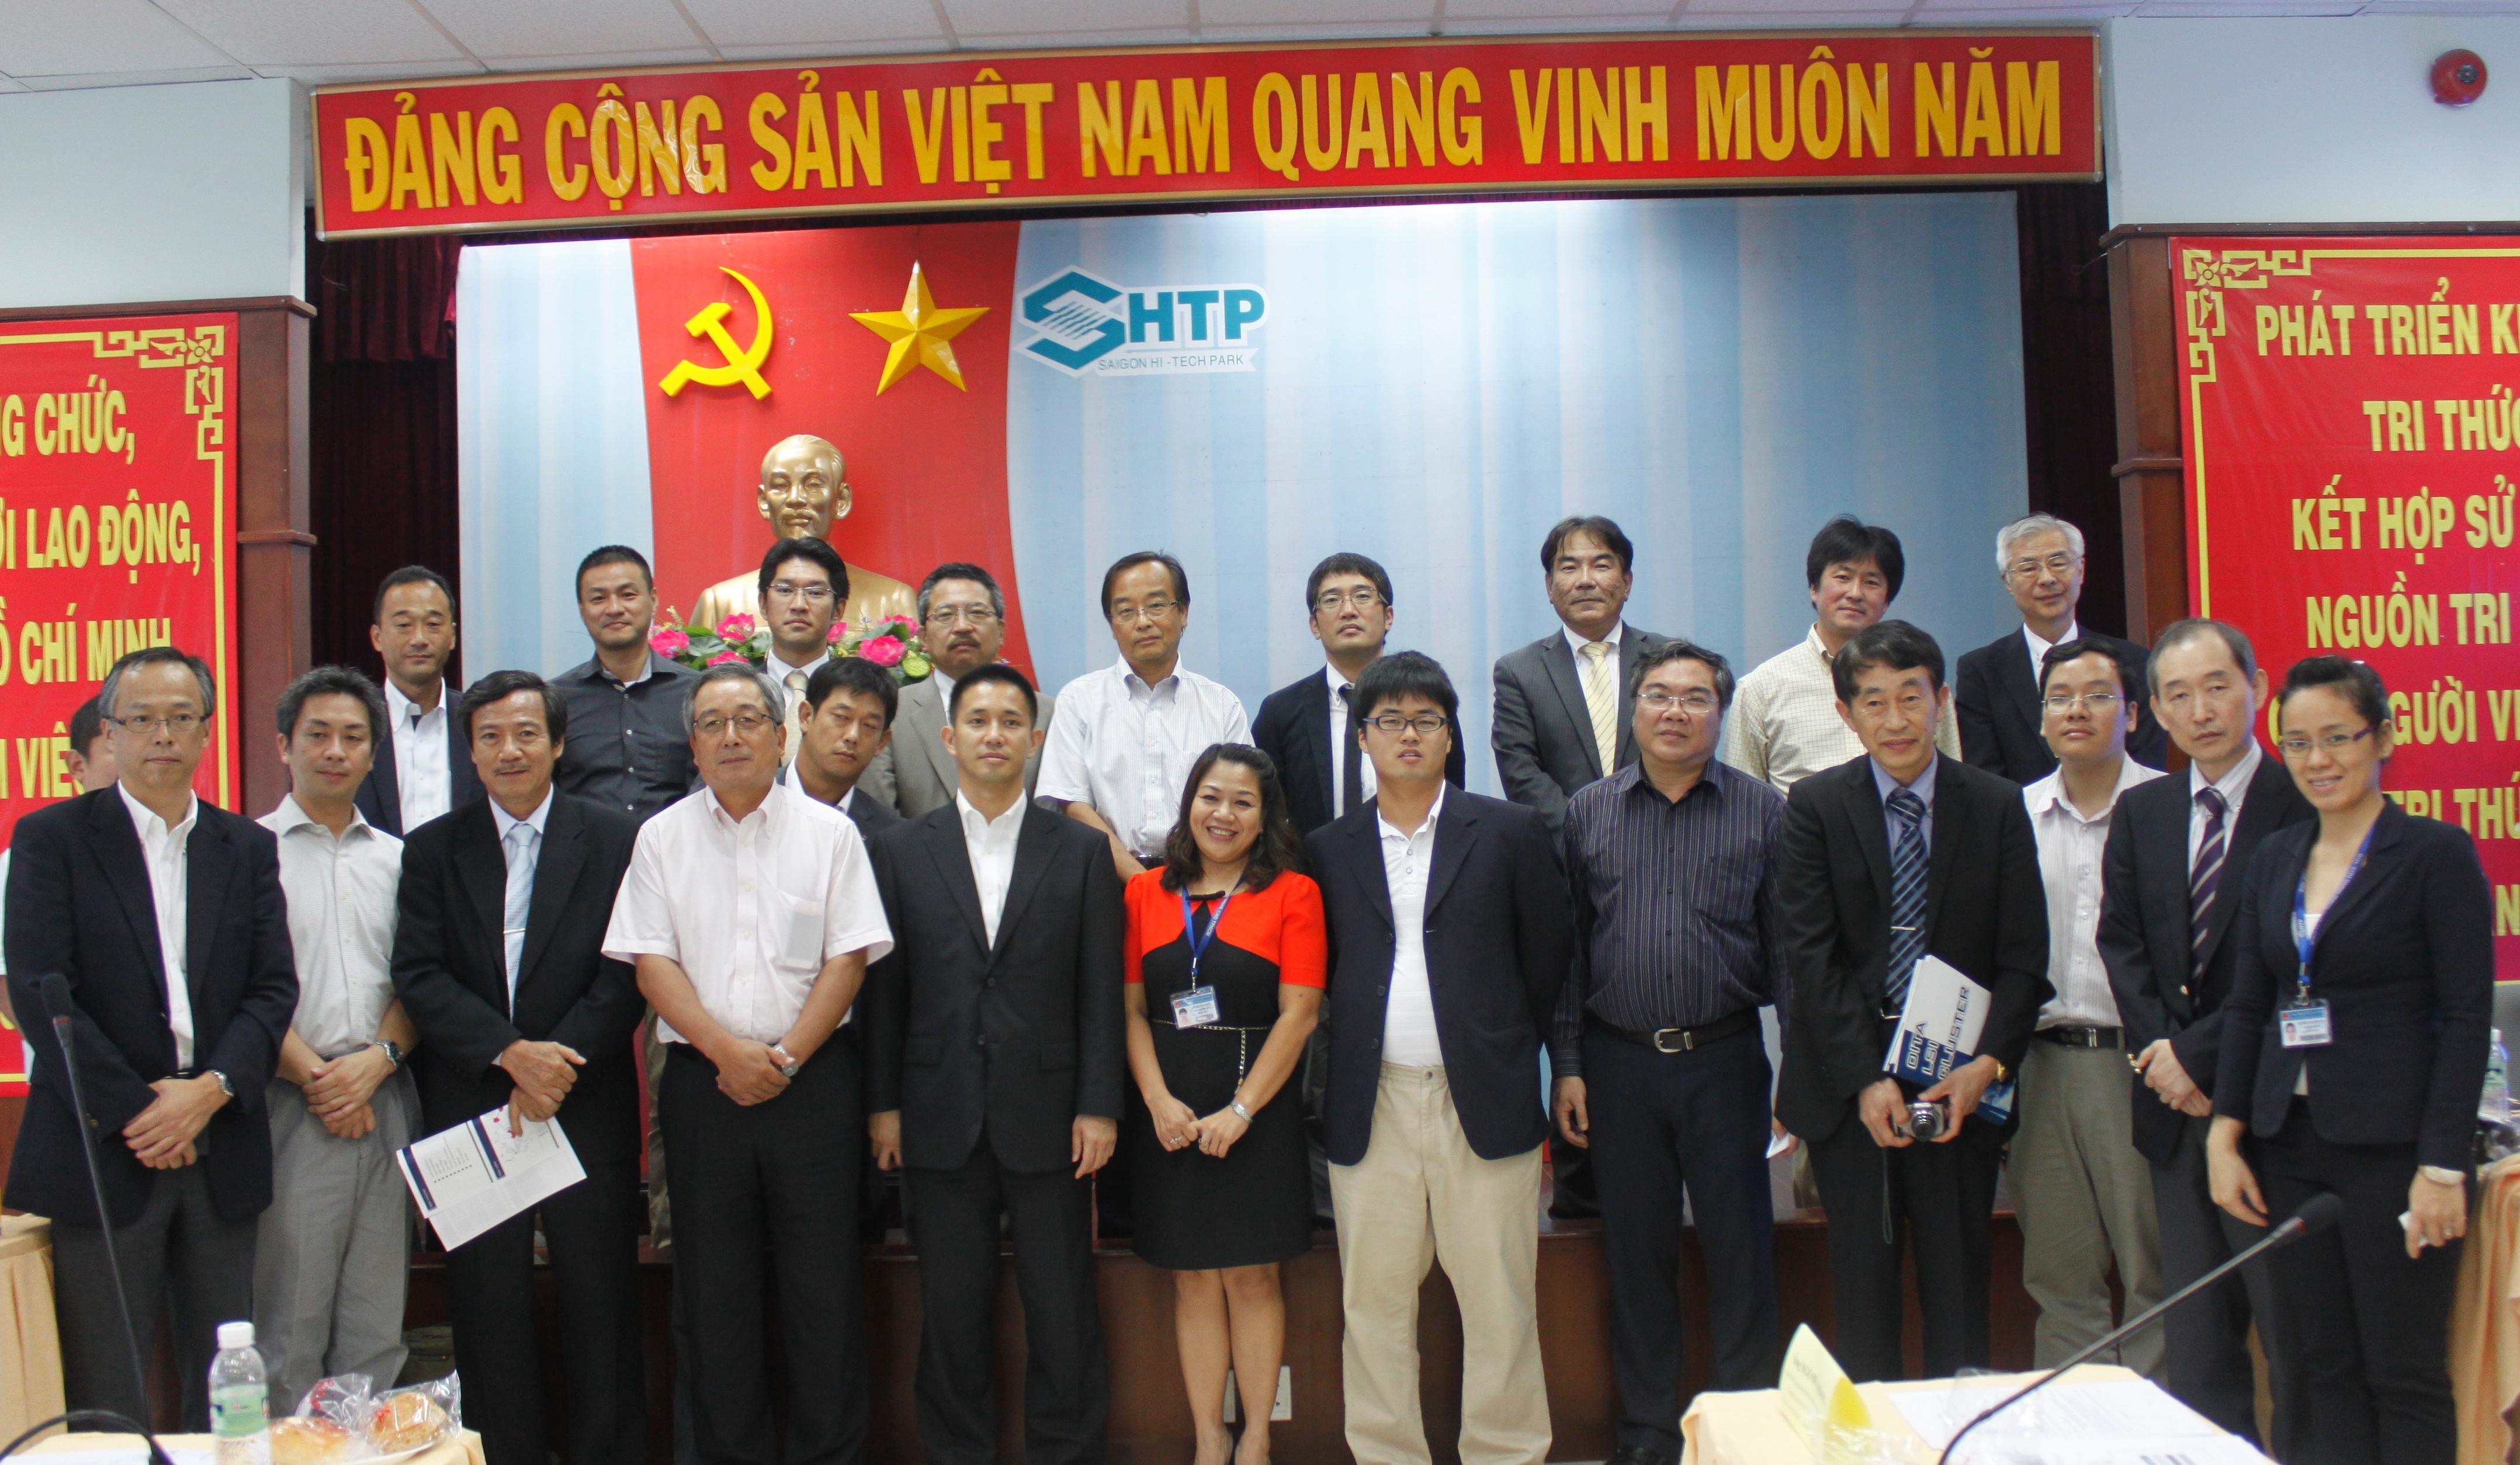 Doanh nghiệp Nhật Bản tiếp tục đầu tư mạnh vào Việt Nam